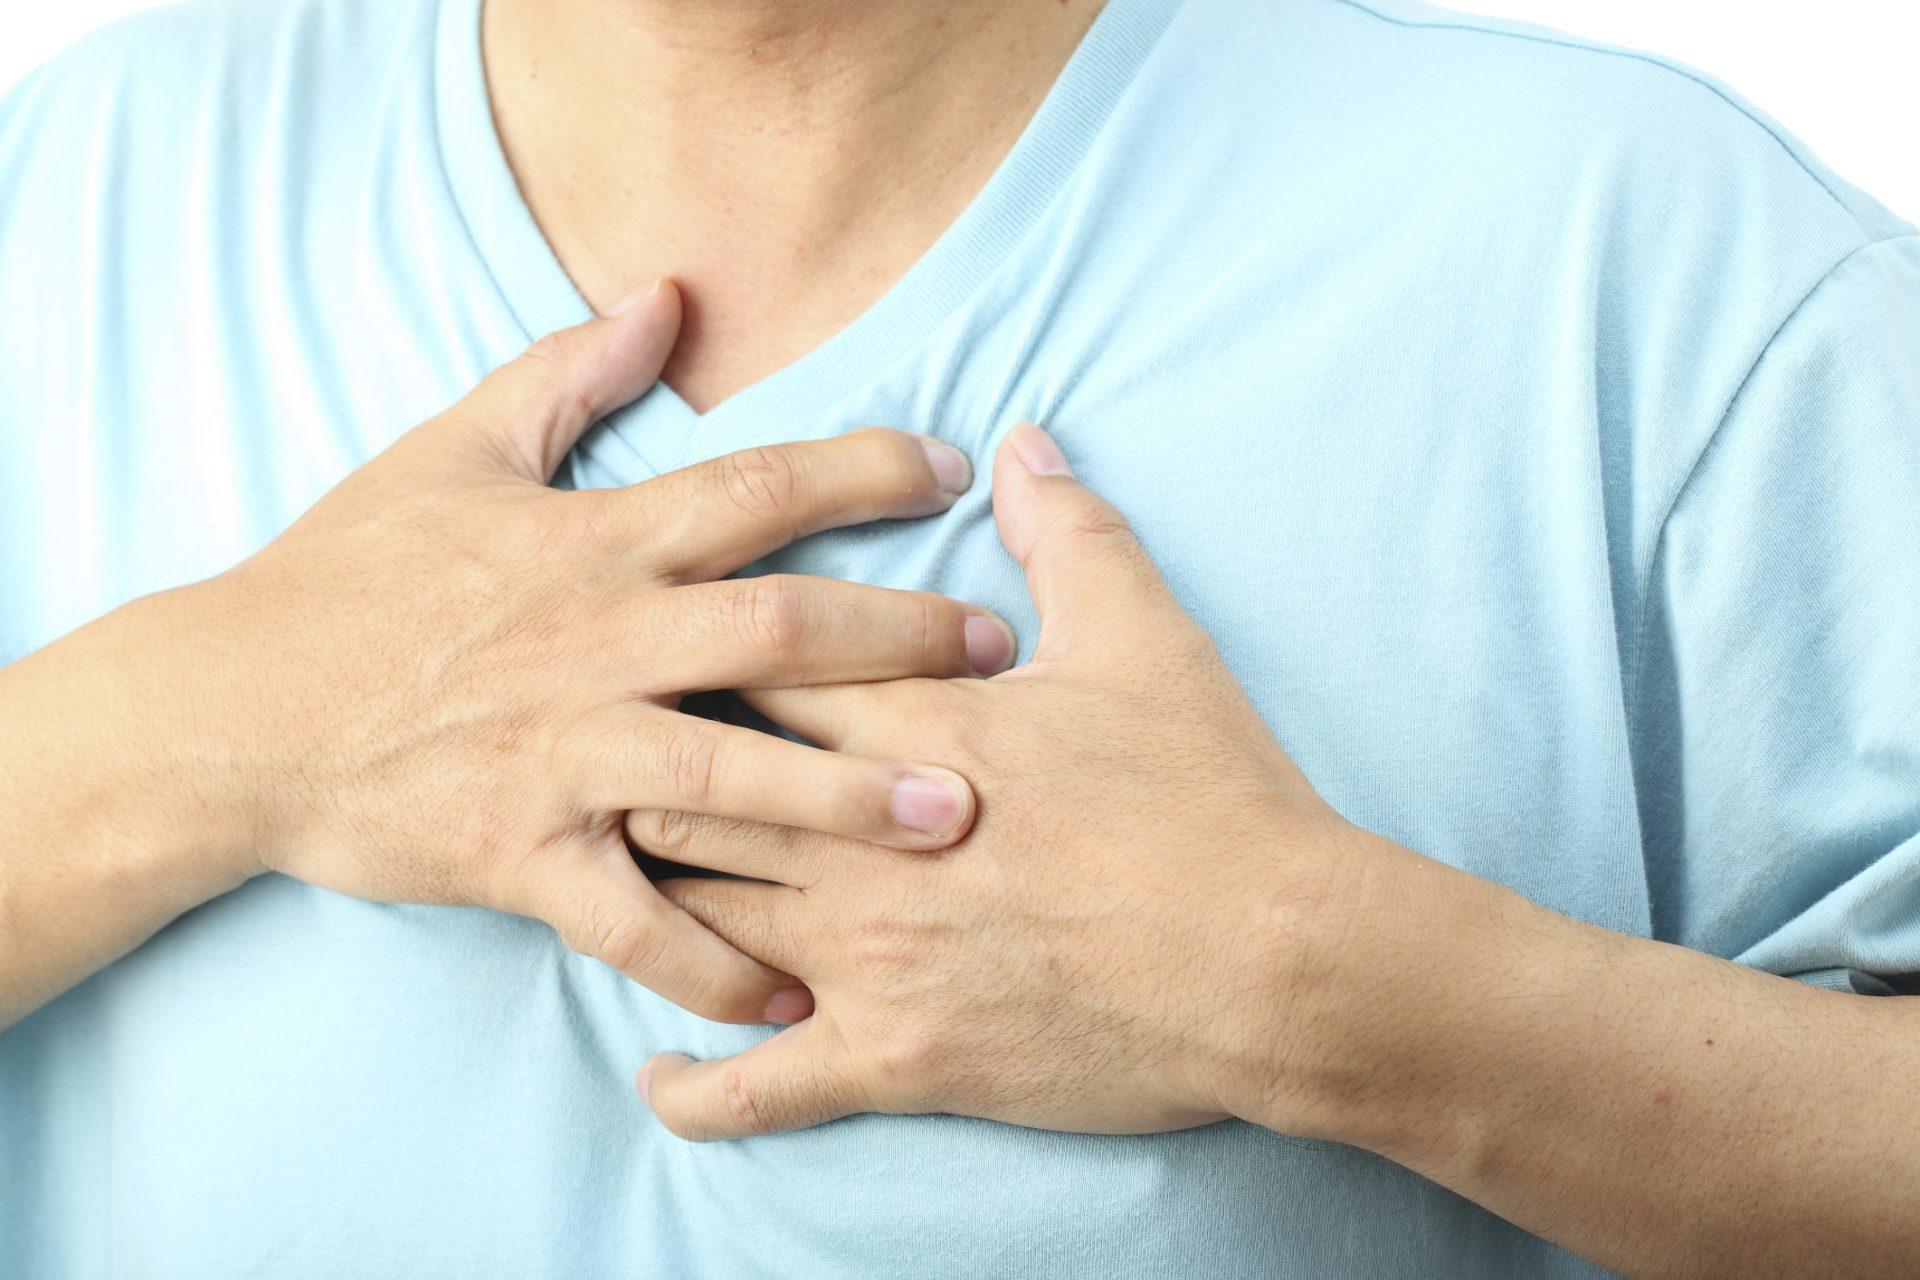 Синдром малой грудной мышцы